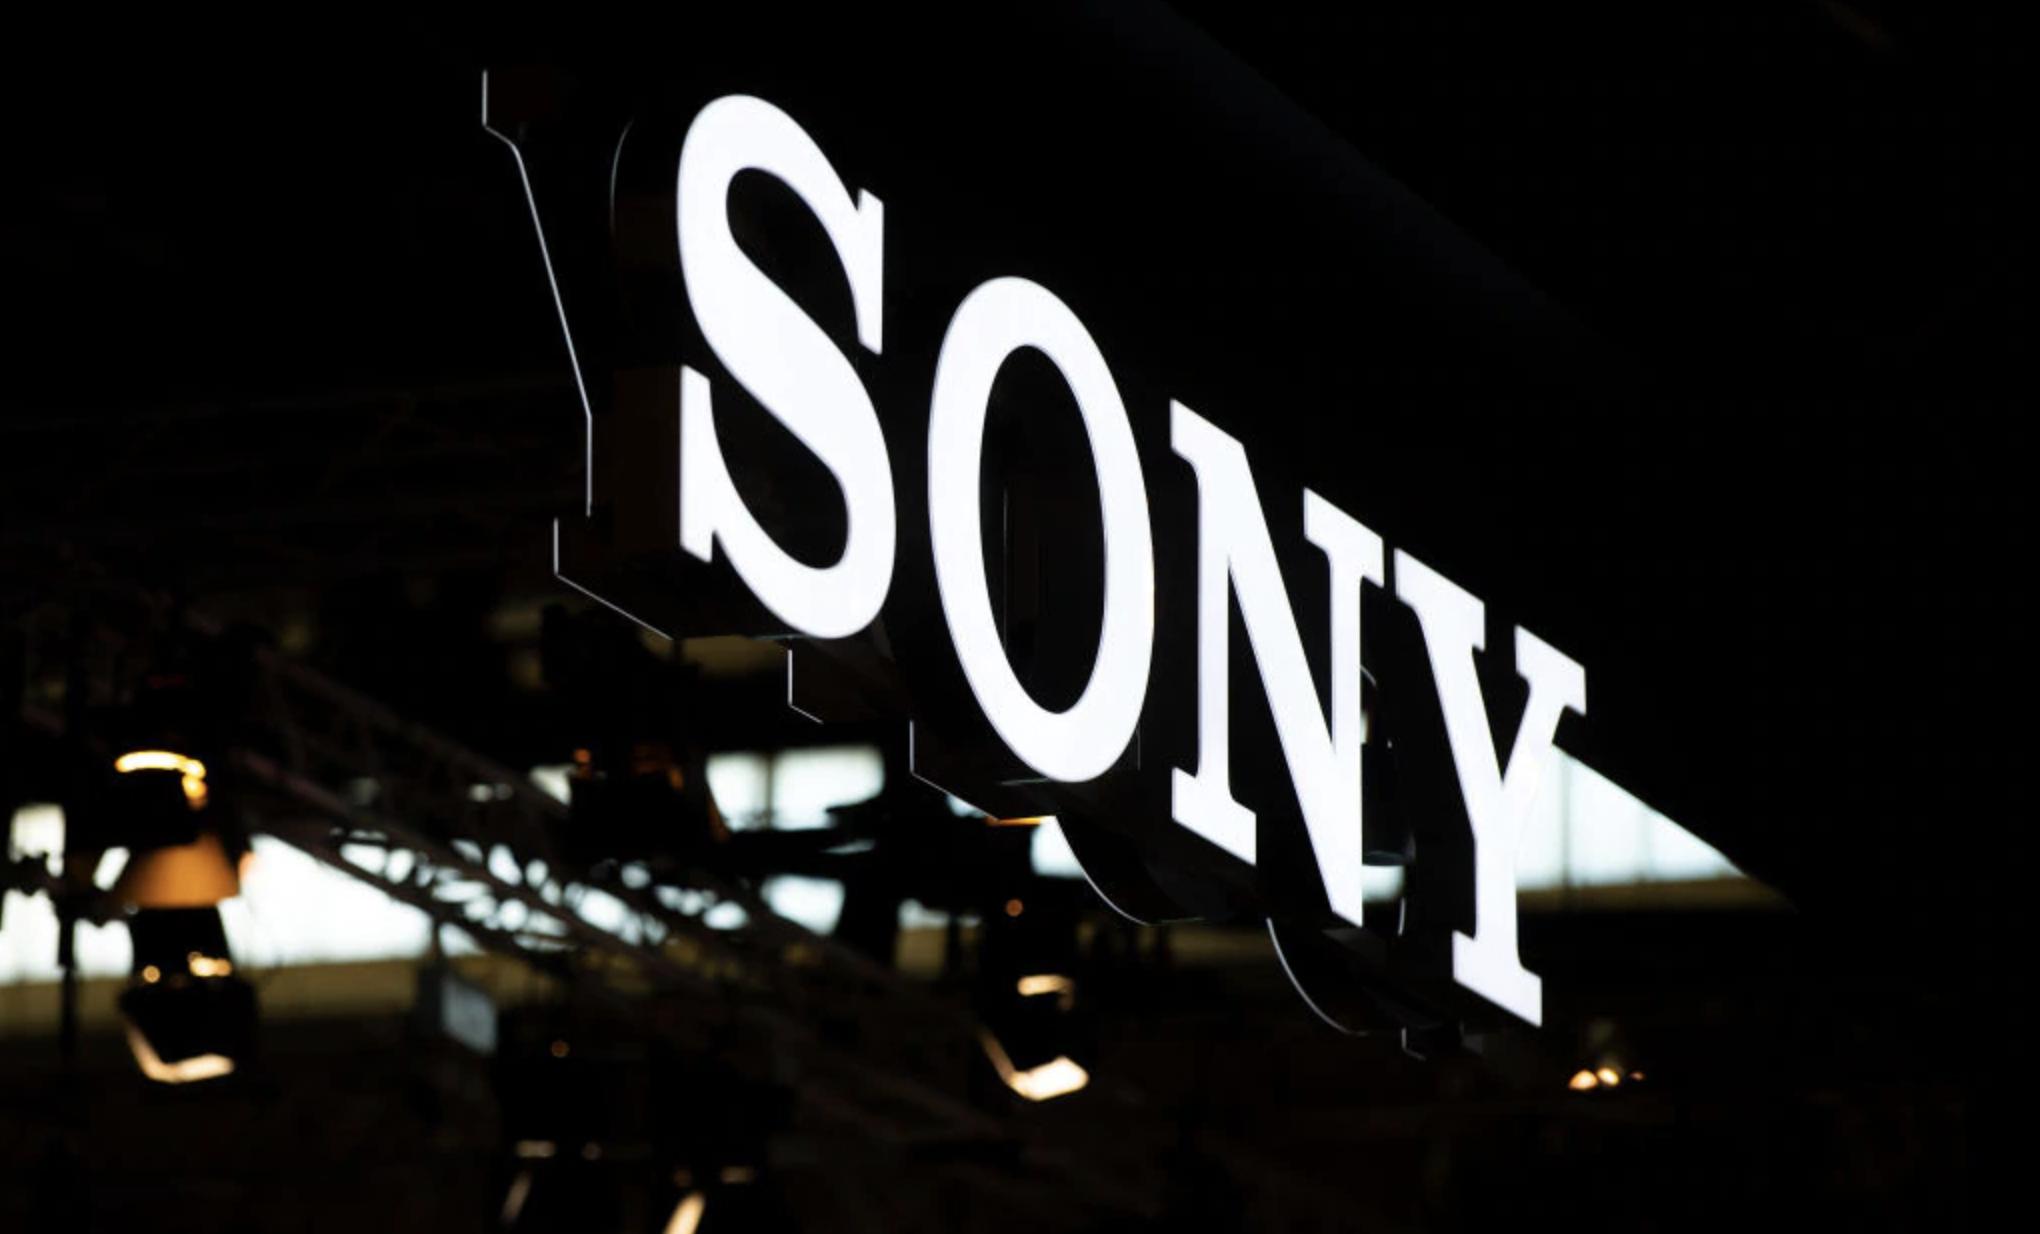 Sony wycofuje się z targów Mobile World Congress. Kolejne firmy przegrywają z koronawirusem